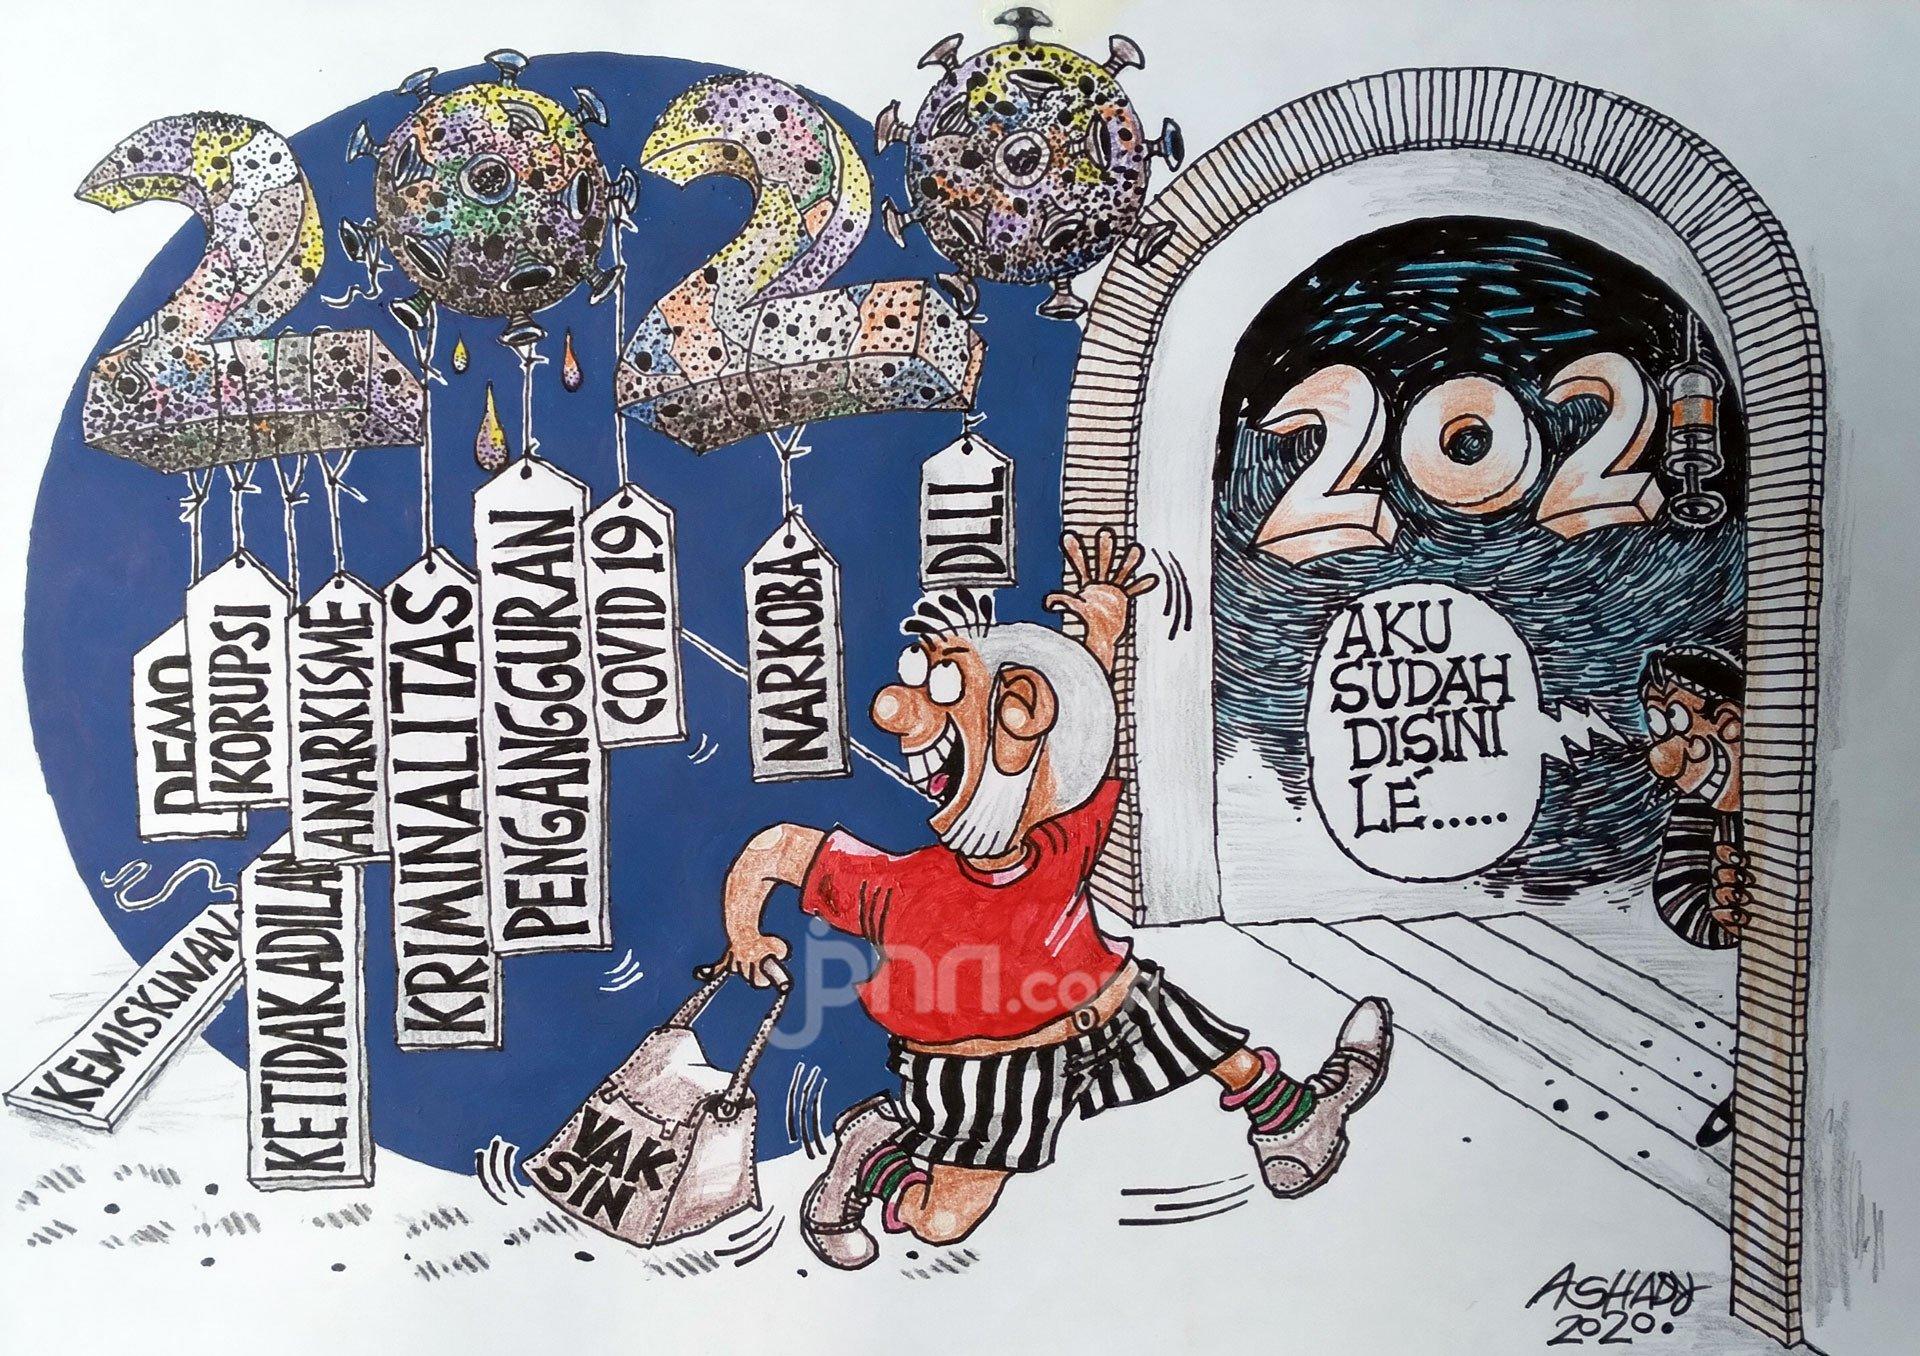 Selamat Tinggal 2020. Karikatur oleh Ashady - JPNN.com